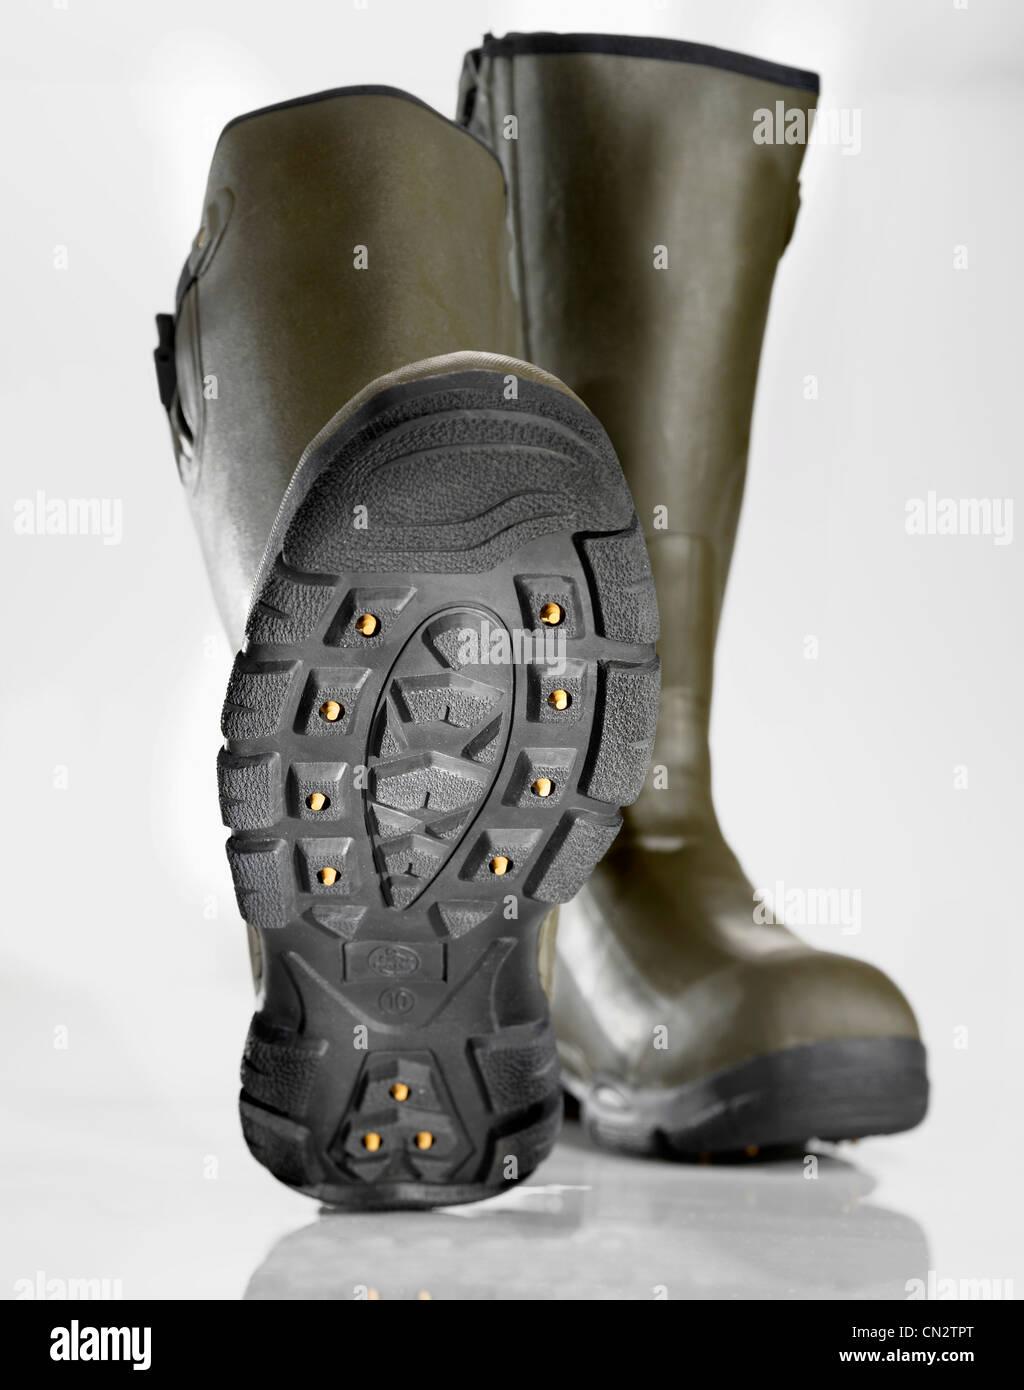 Spikes Boots Stockfotos und bilder Kaufen Alamy deagd